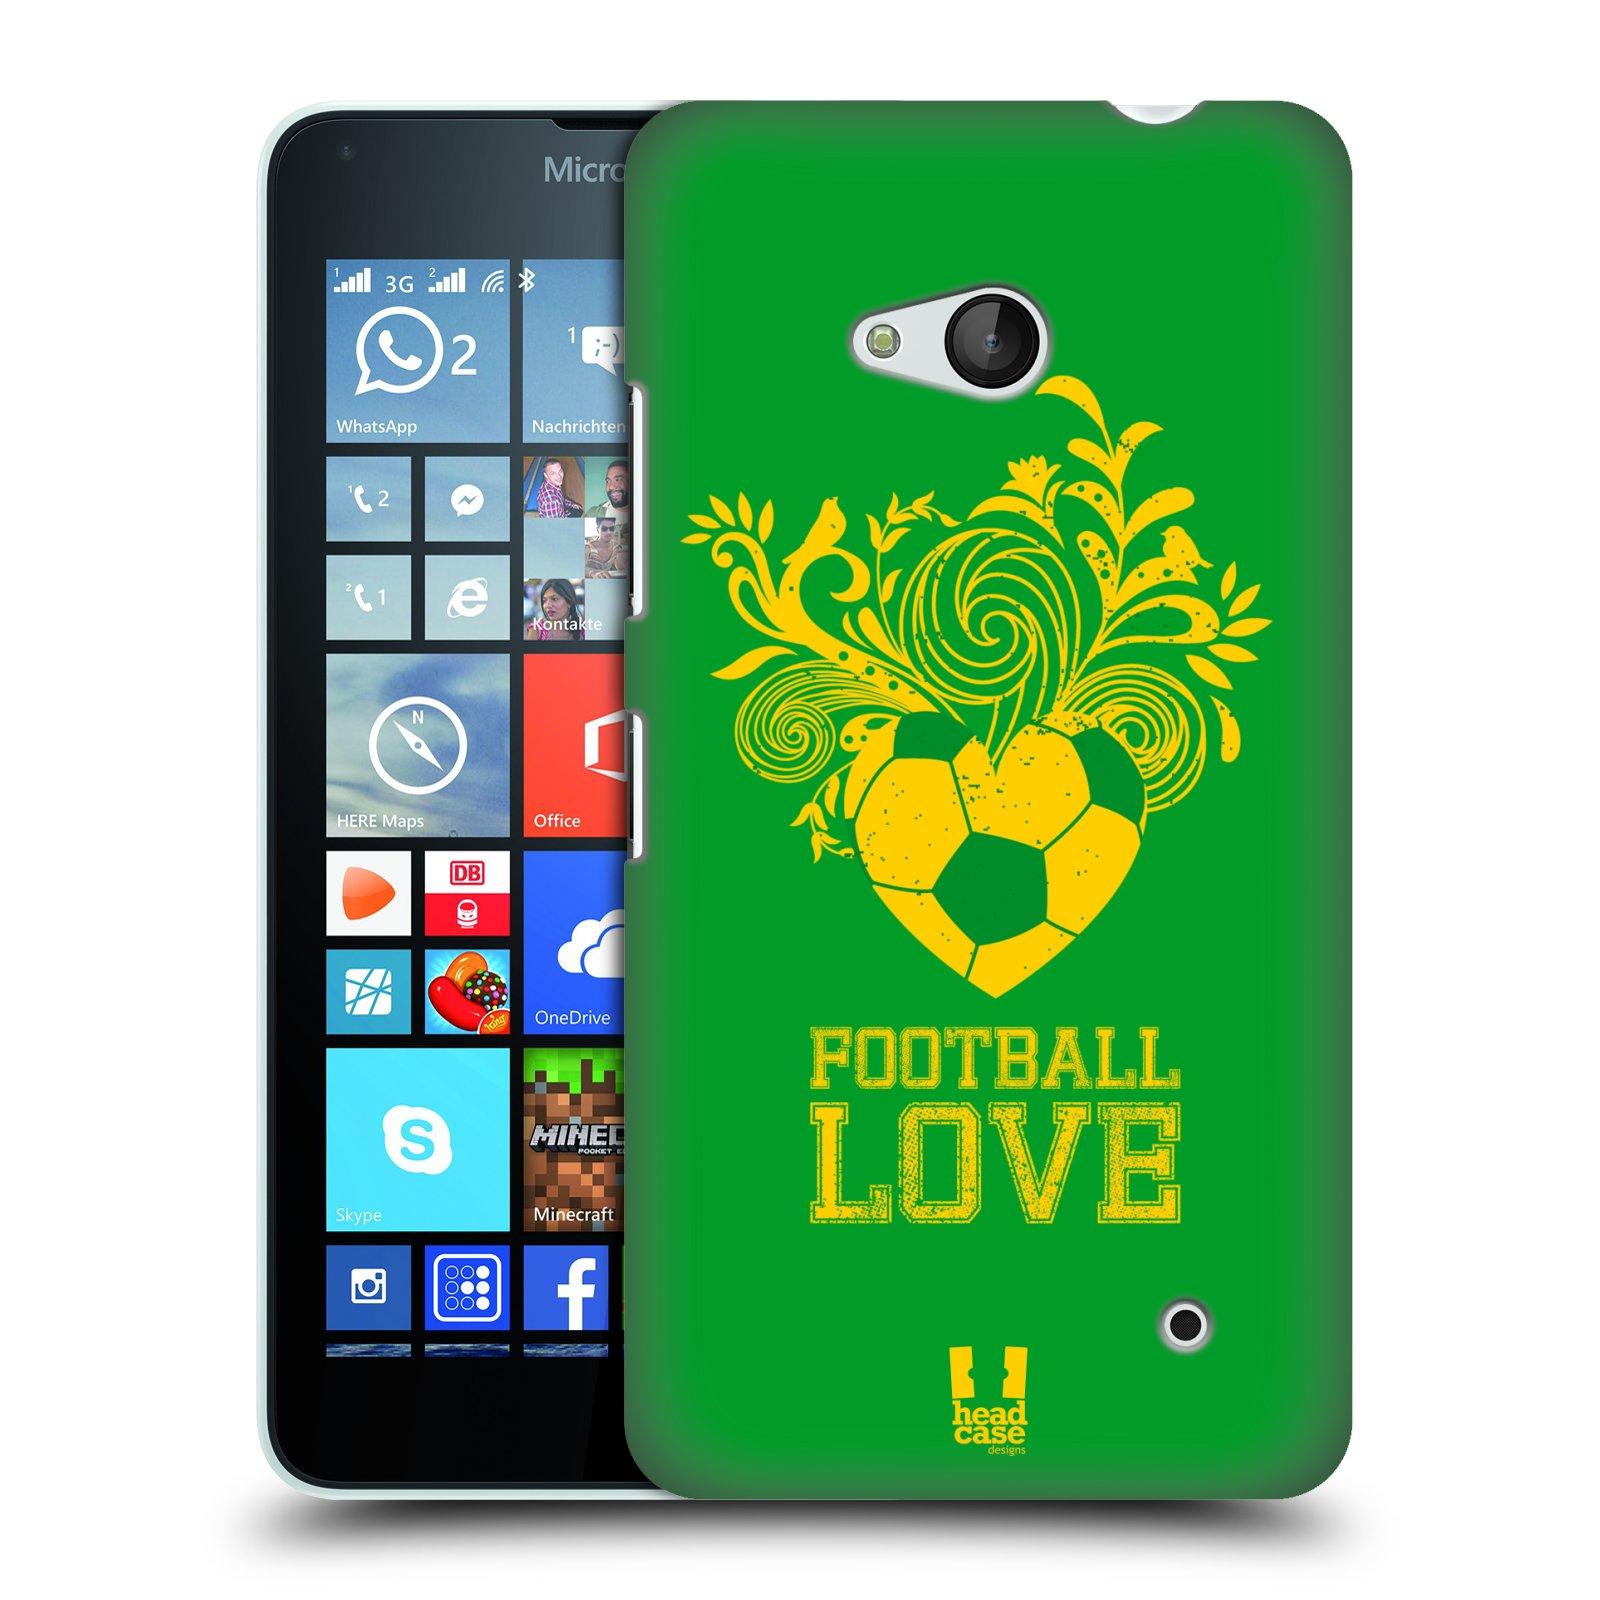 HEAD CASE plastový obal na mobil Nokia Lumia 640 Sport fotbalová láska zelená barva